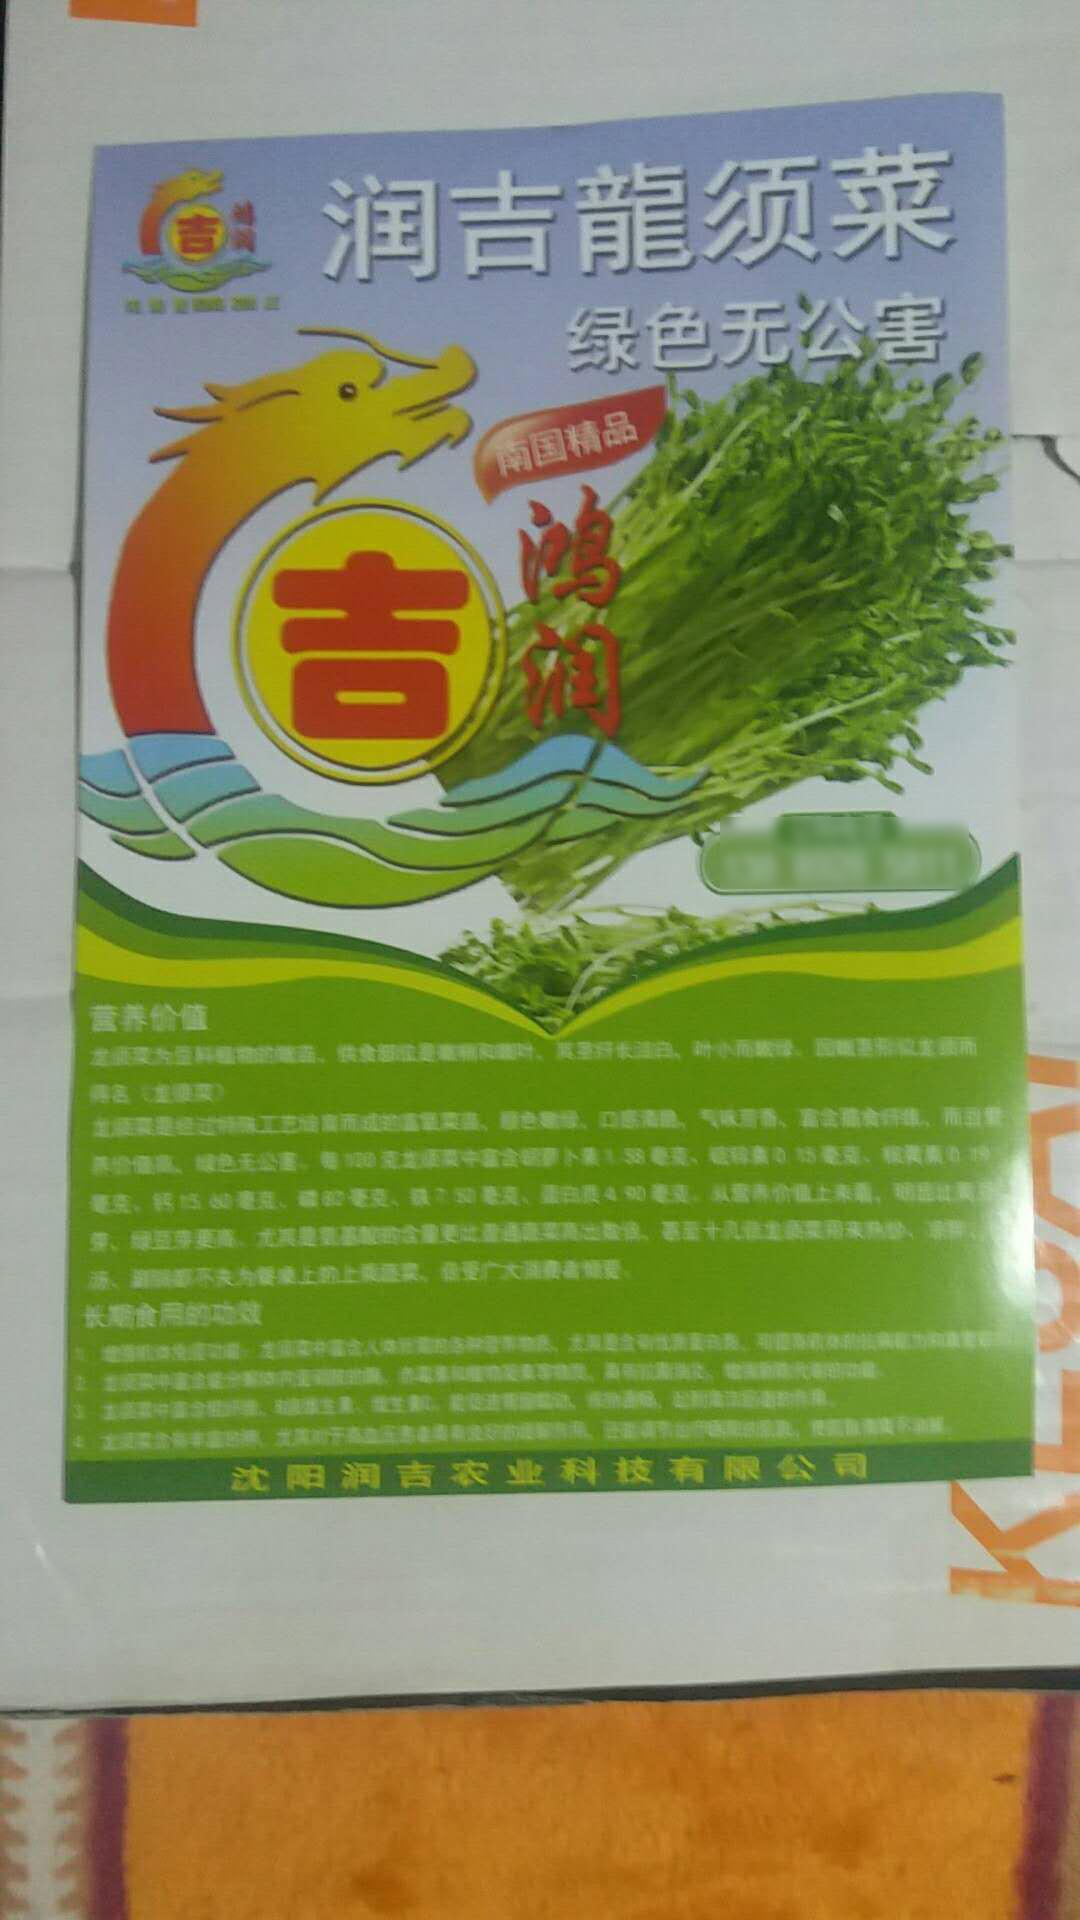 哈爾濱生鮮超市蔬菜配送地址-潤吉農業